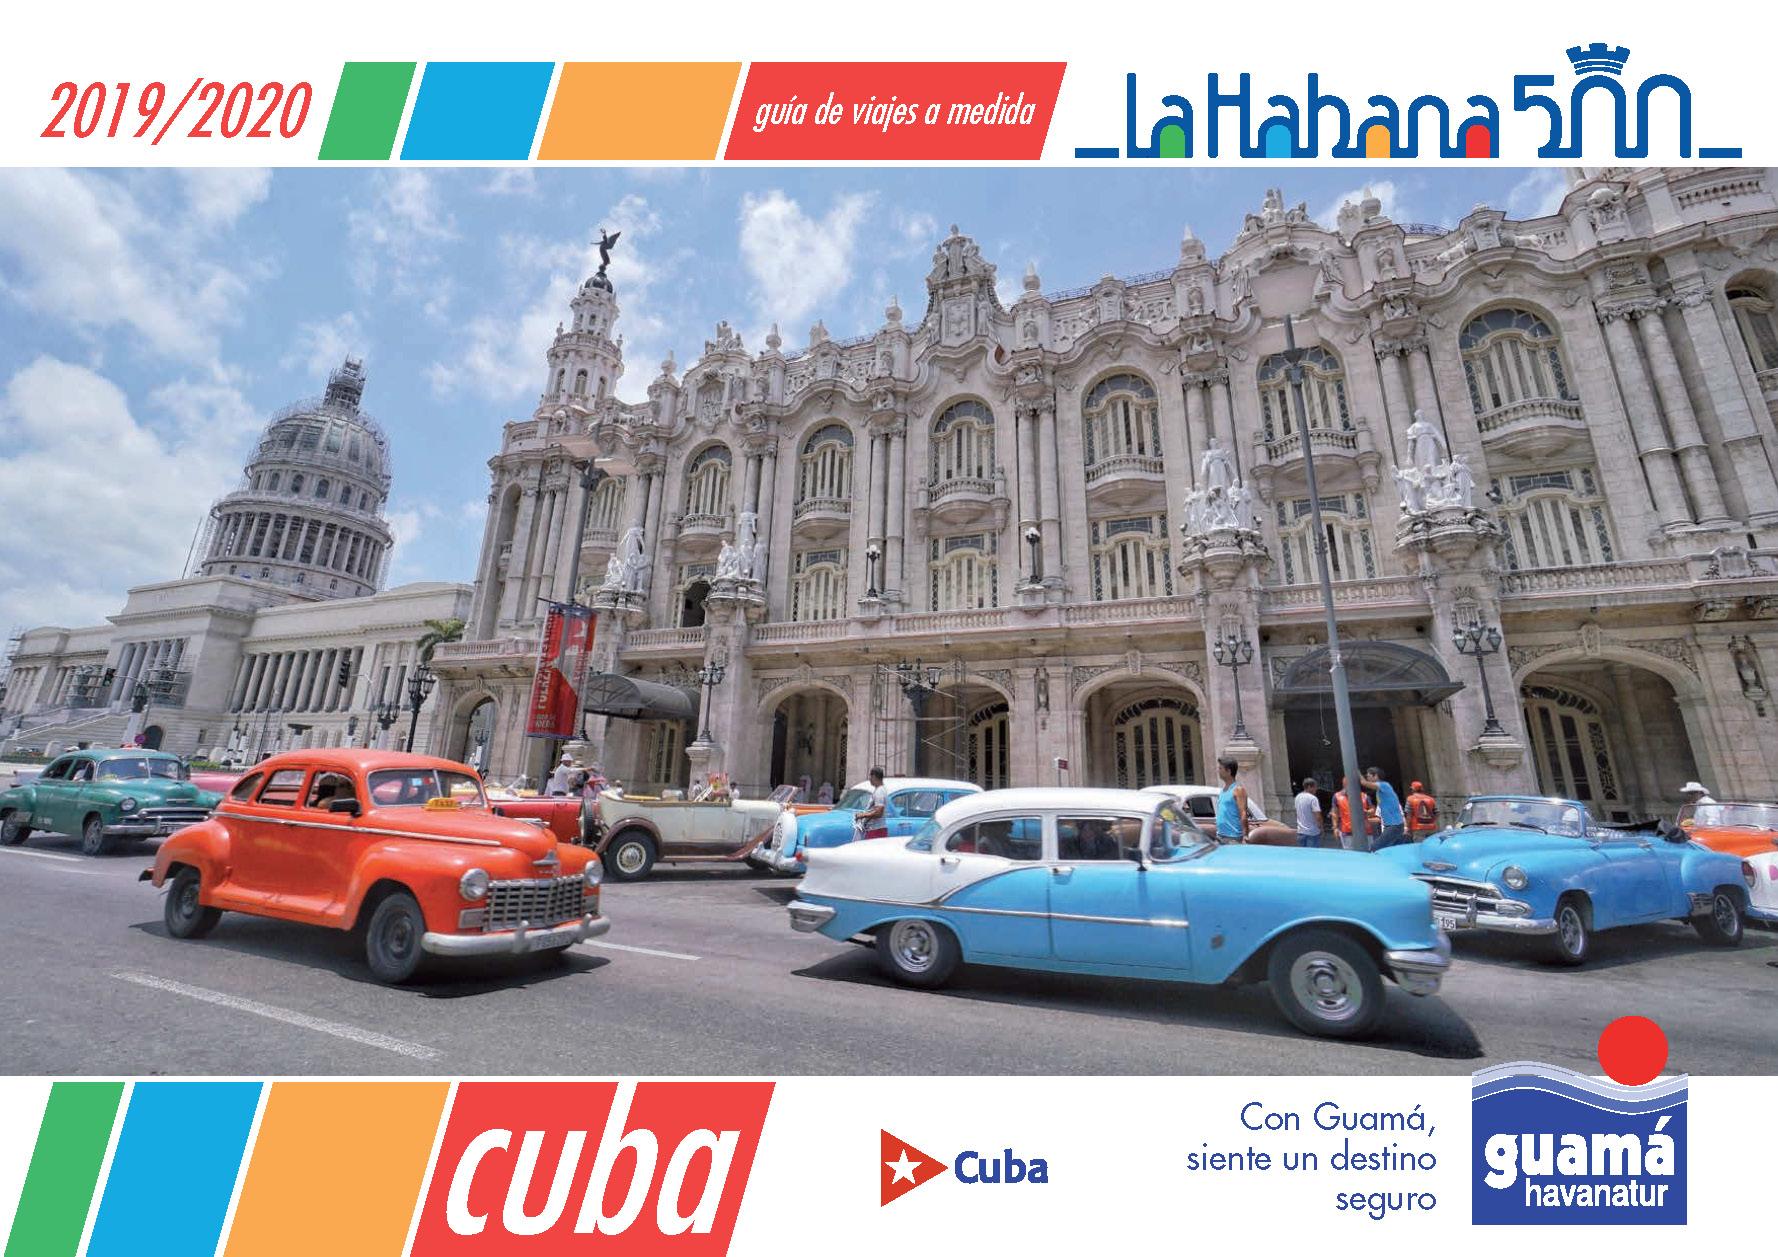 Catalogo Guama Cuba 2019